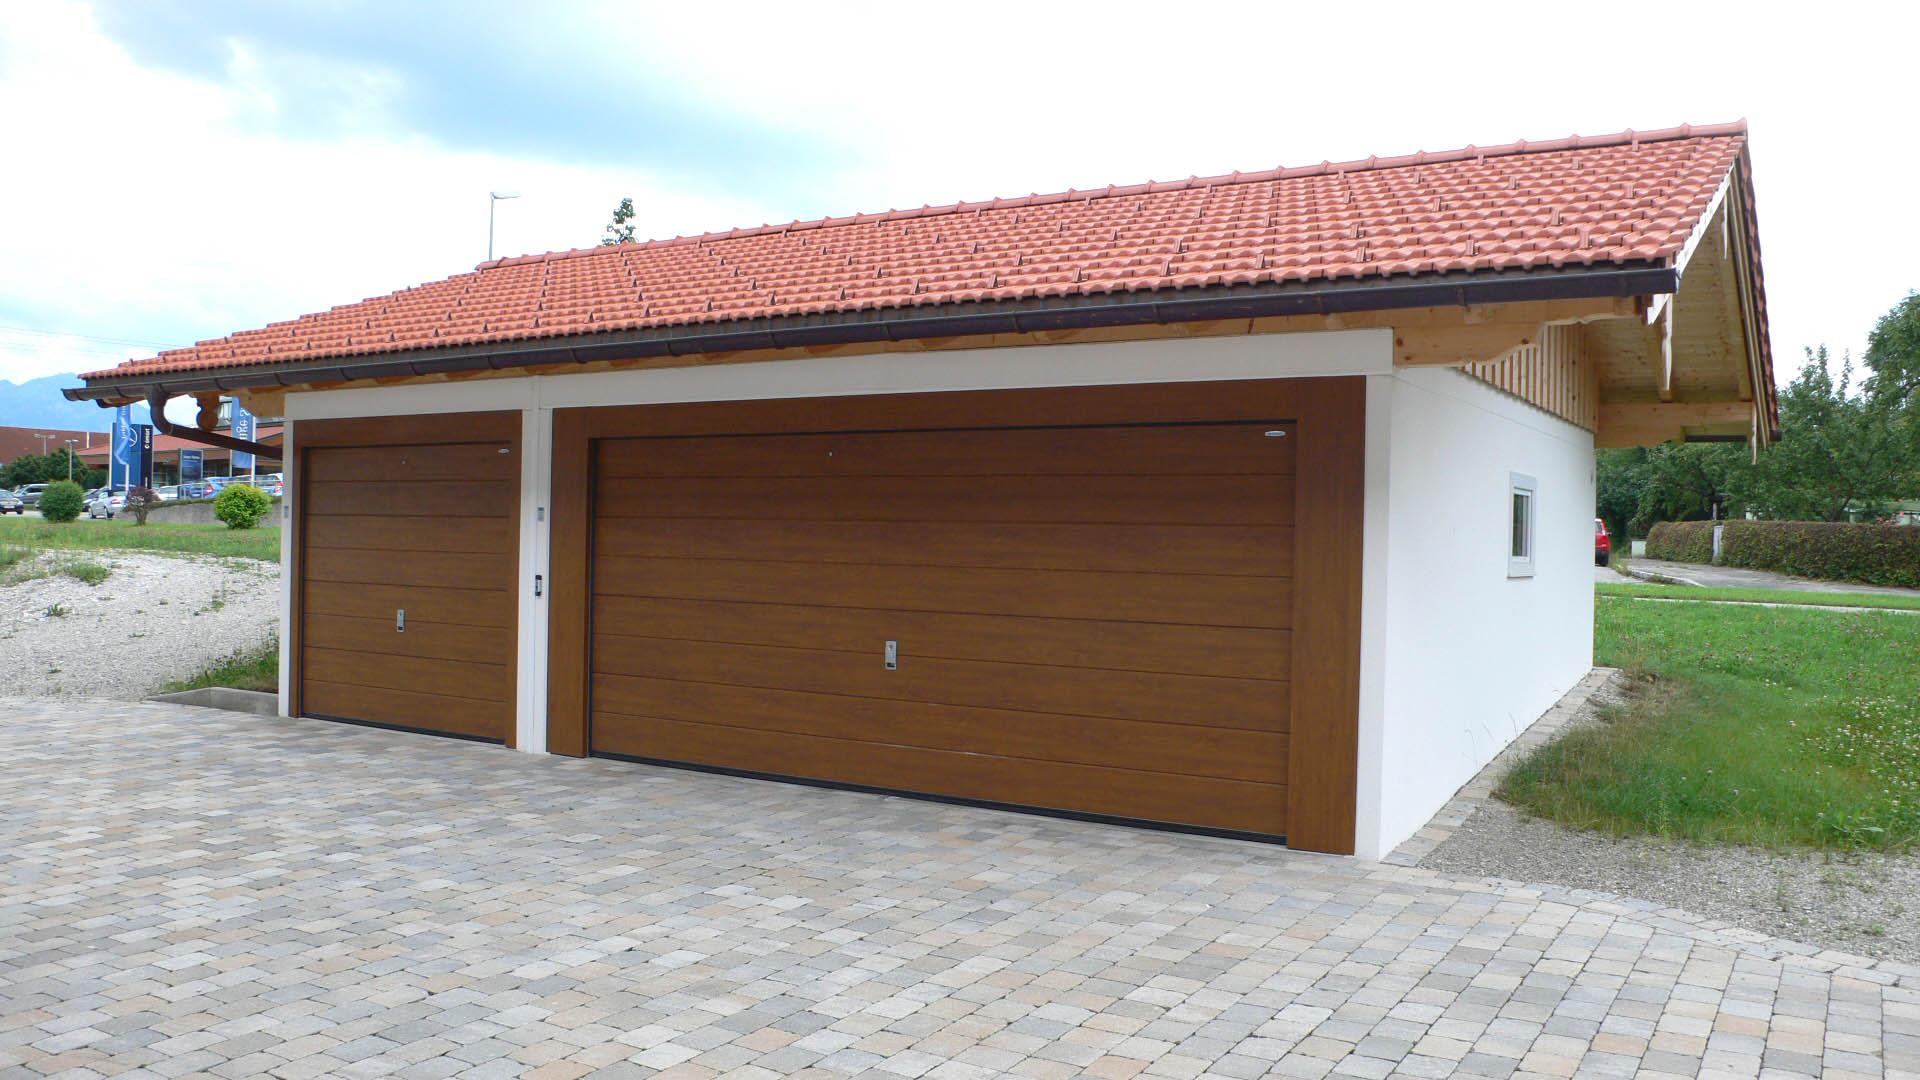 Großraumgaragen mit Holztor und Satteldach